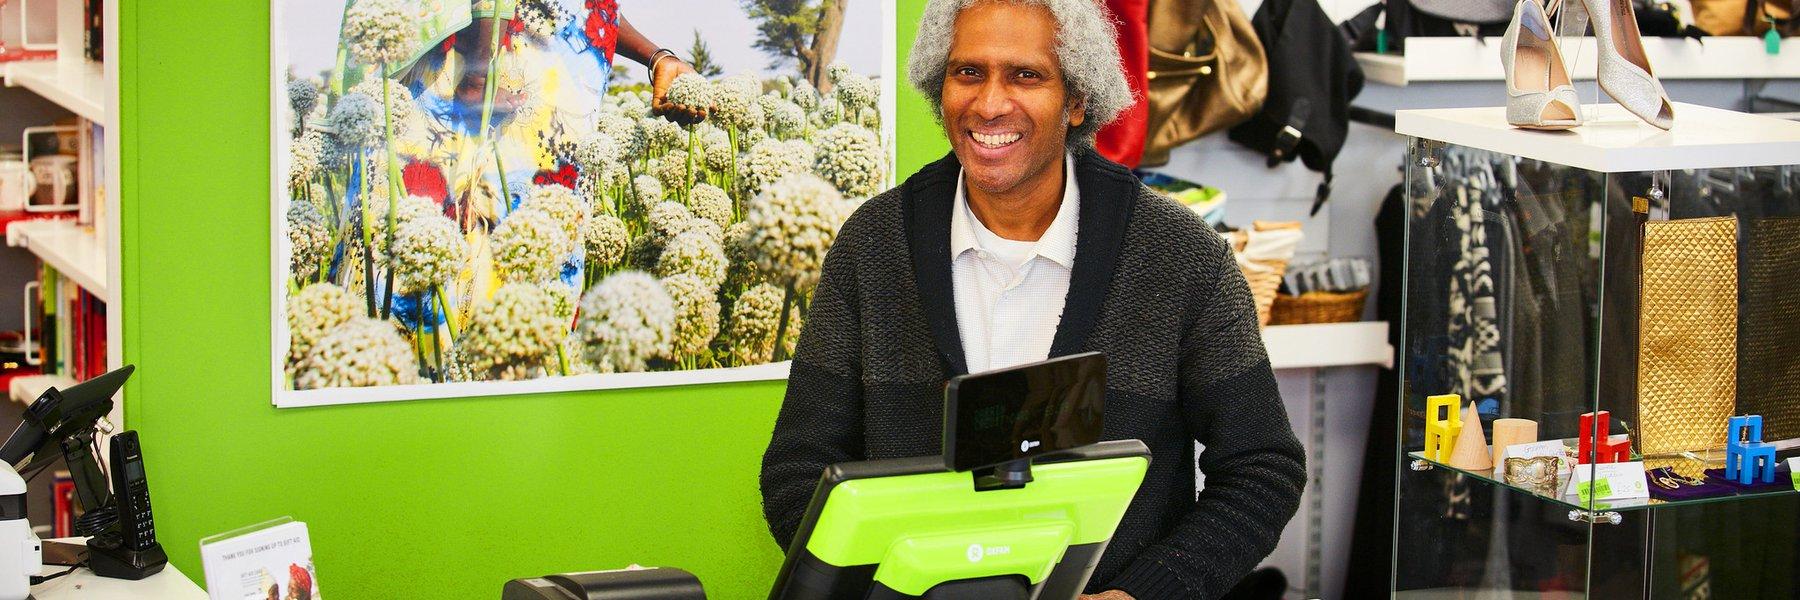 Regular volunteer, Johnson, at Bethnal Green Oxfam shop